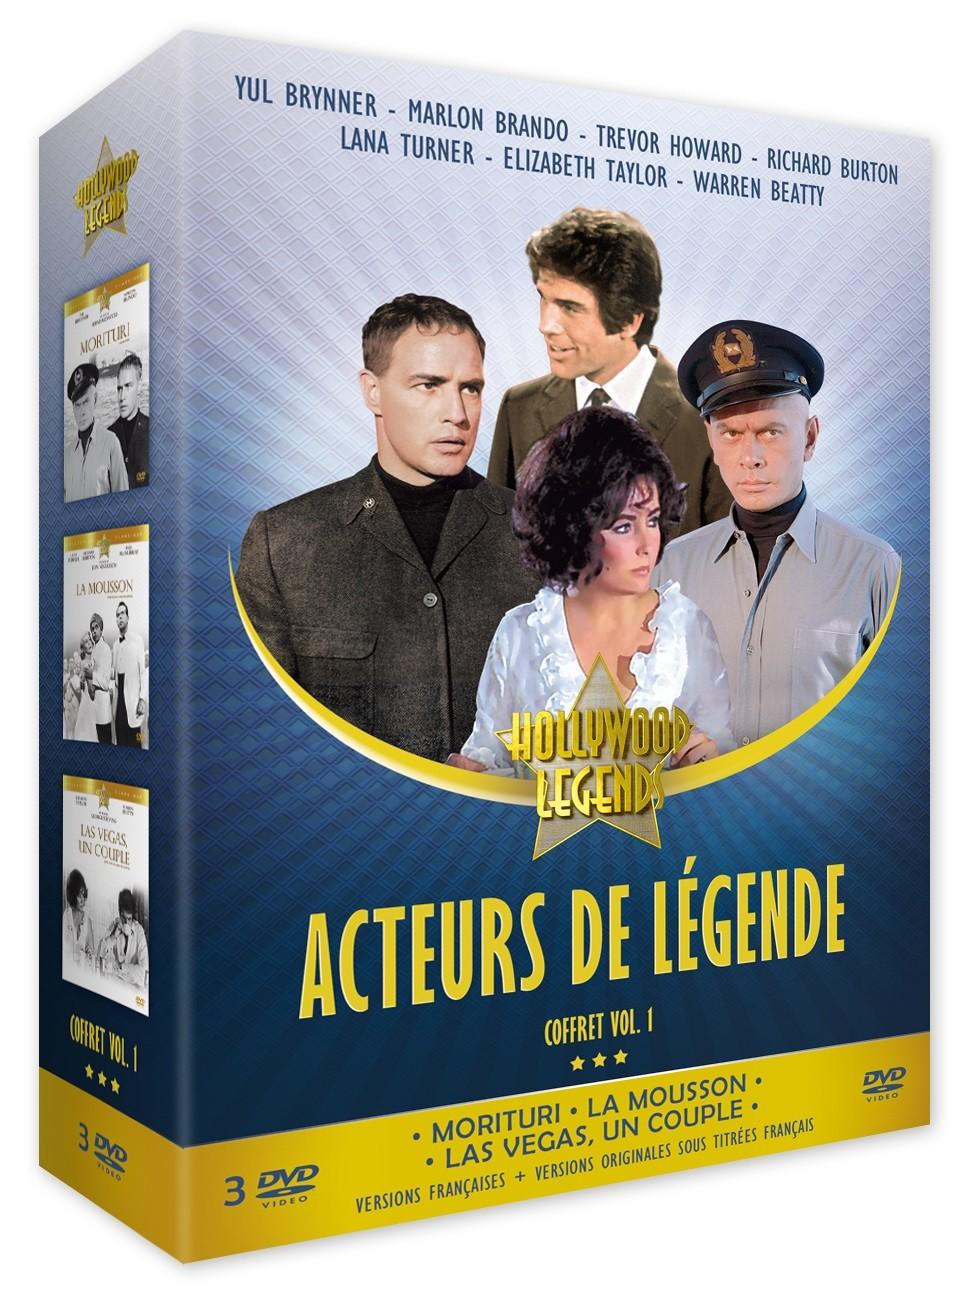 ACTEURS DE LEGENDE VOL. 1